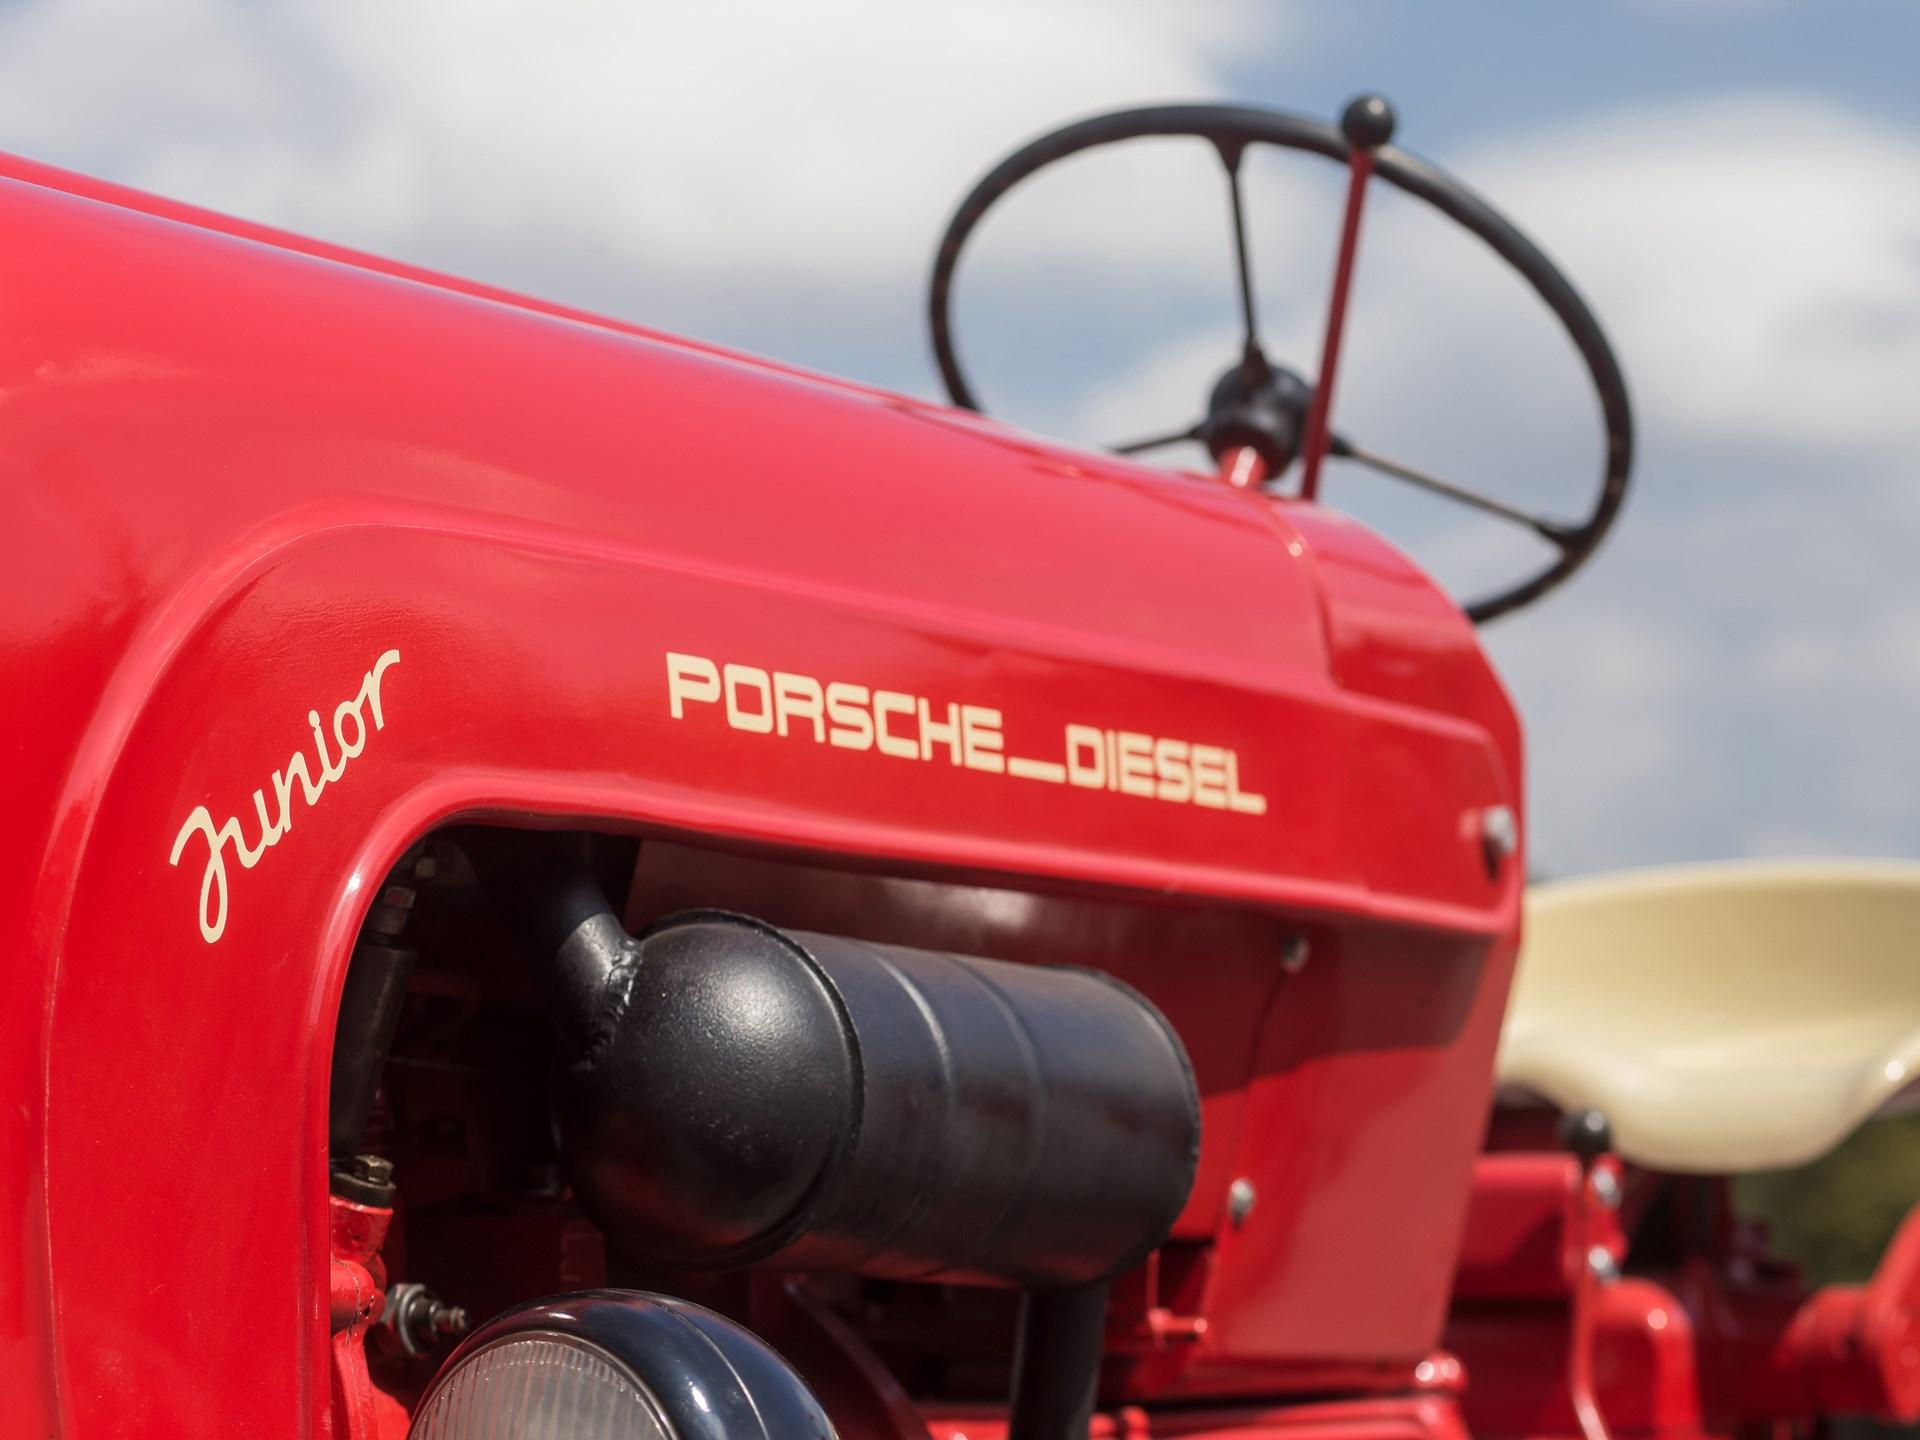 1959 Porsche Diesel Junior 108 K